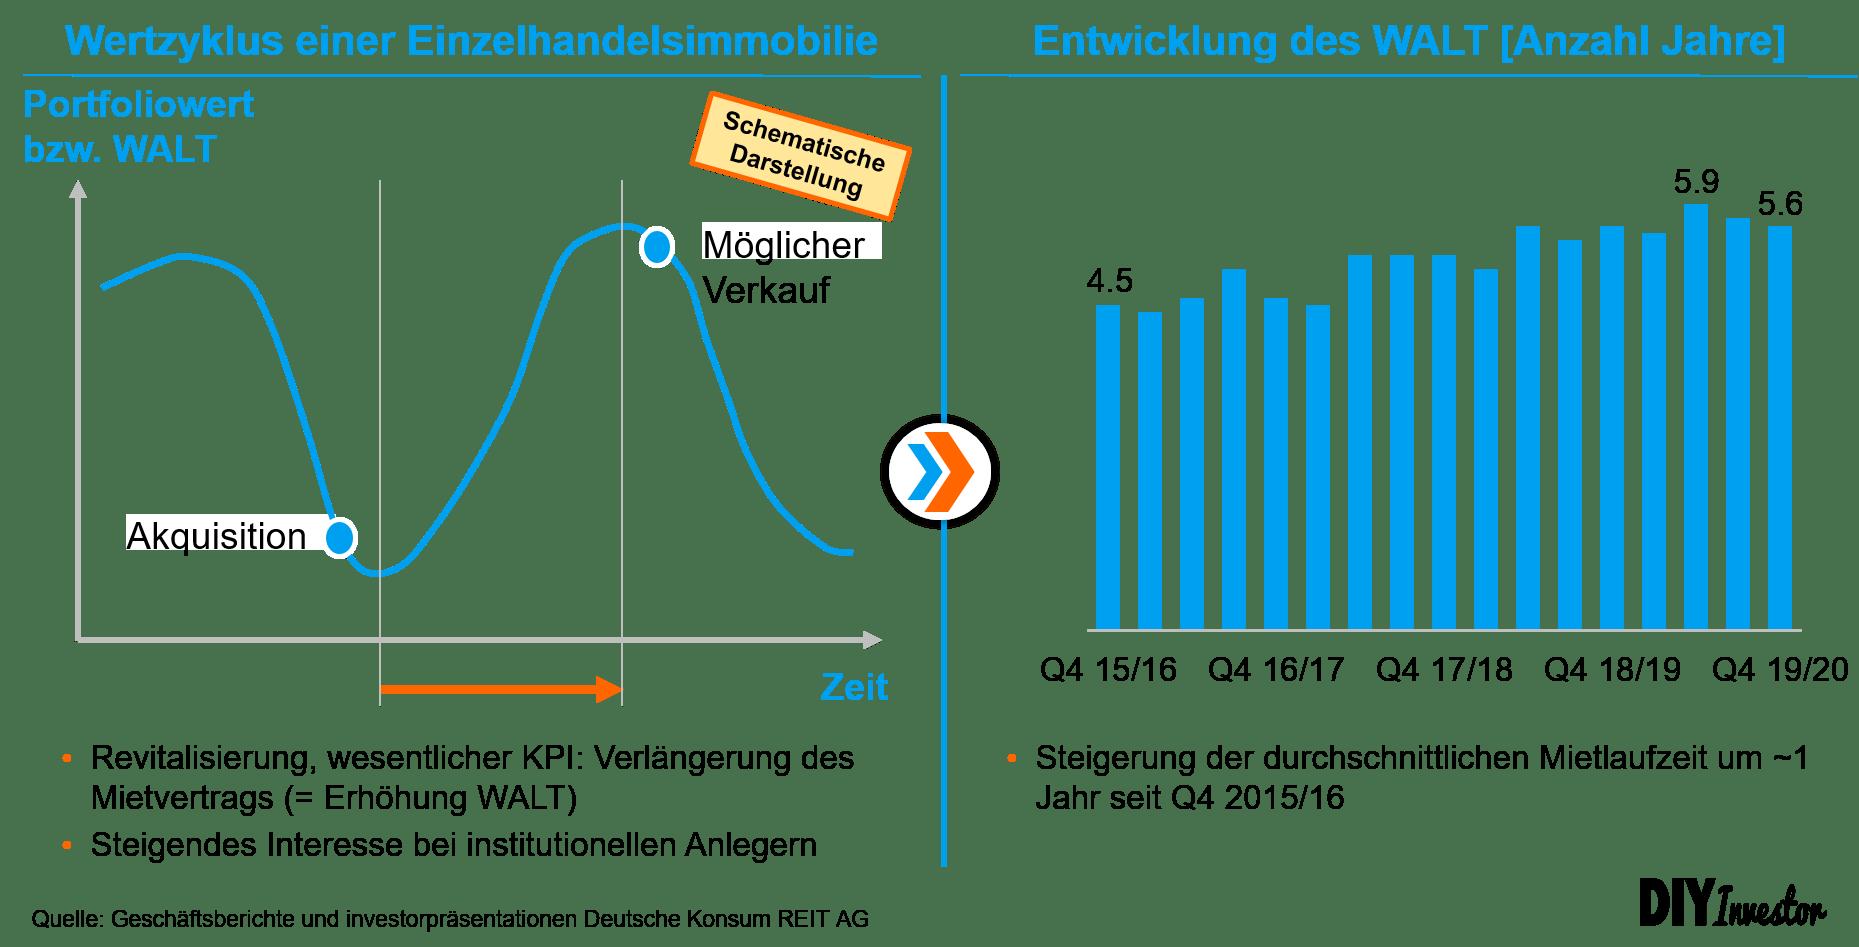 Deutsche Konsum REIT - Entwicklung WALT